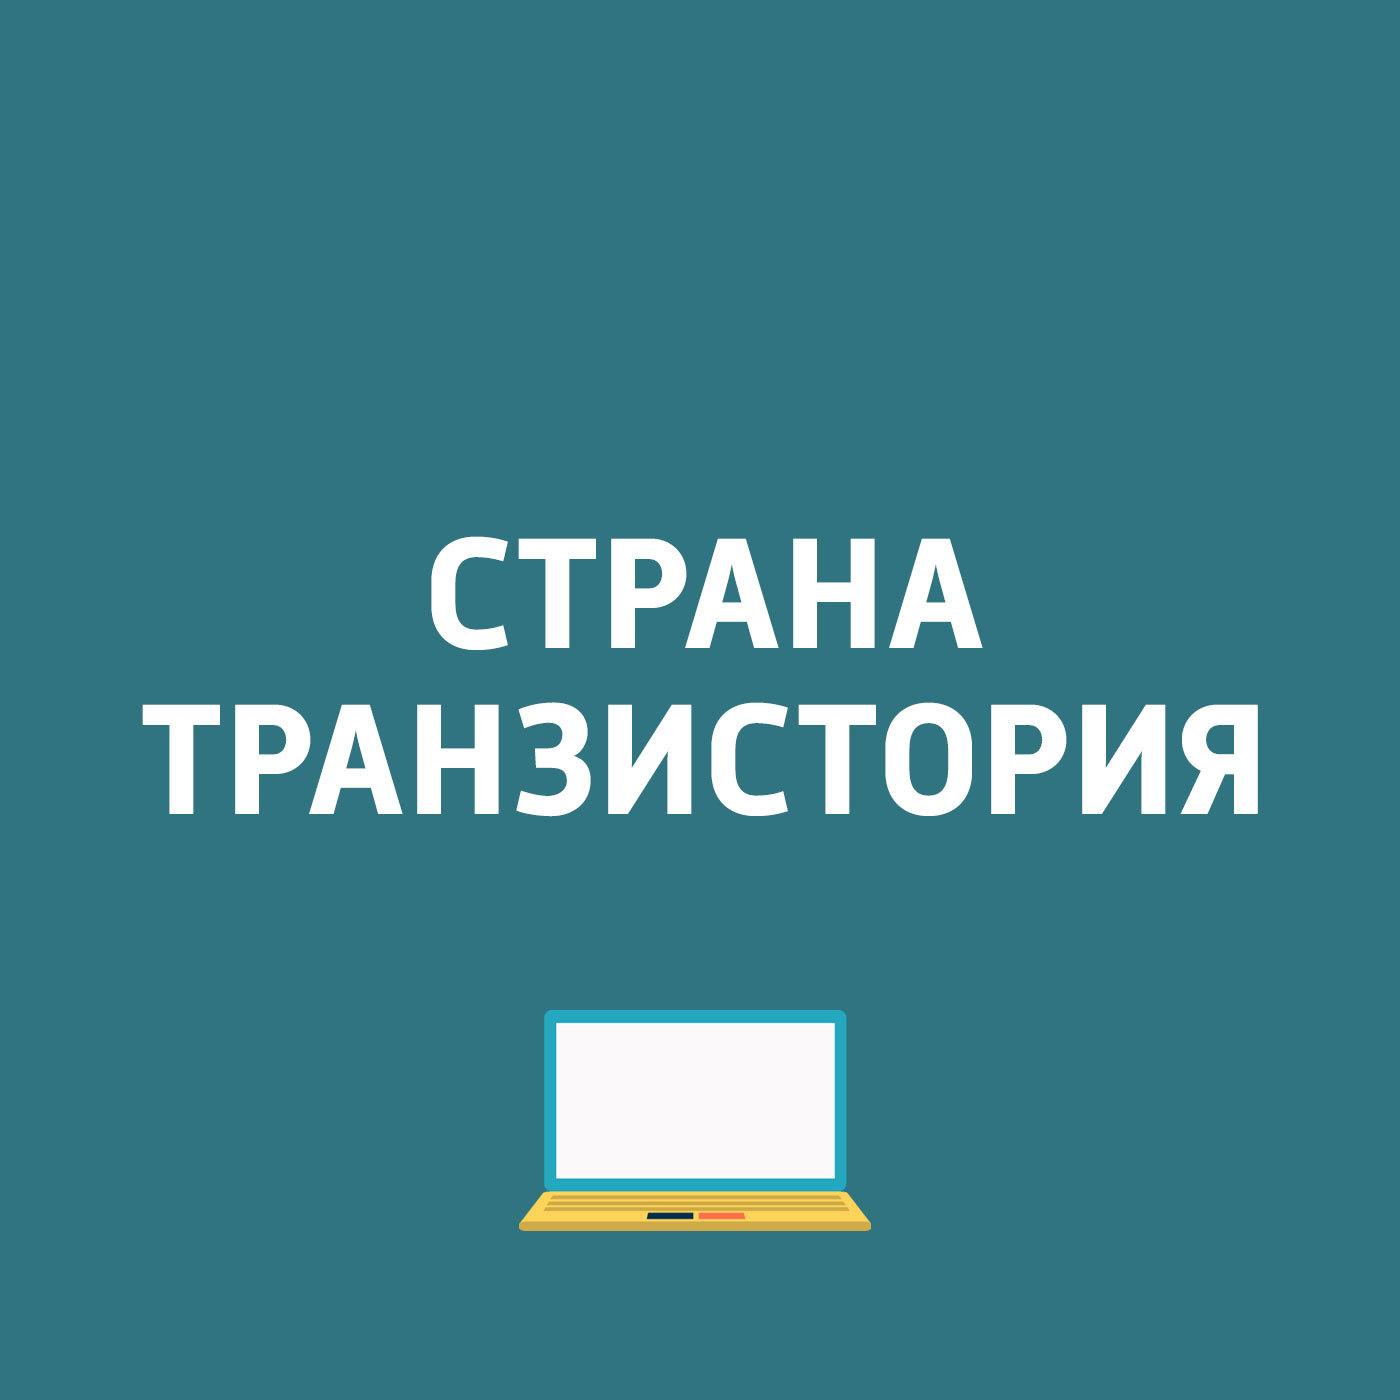 Картаев Павел Обзор iPhone X на YouTube; Badoo определил самого популярного российского мужчину кейс для назначение htc u11 life матовое кейс на заднюю панель однотонный мягкий тпу для htc u11 life htc u11 plus